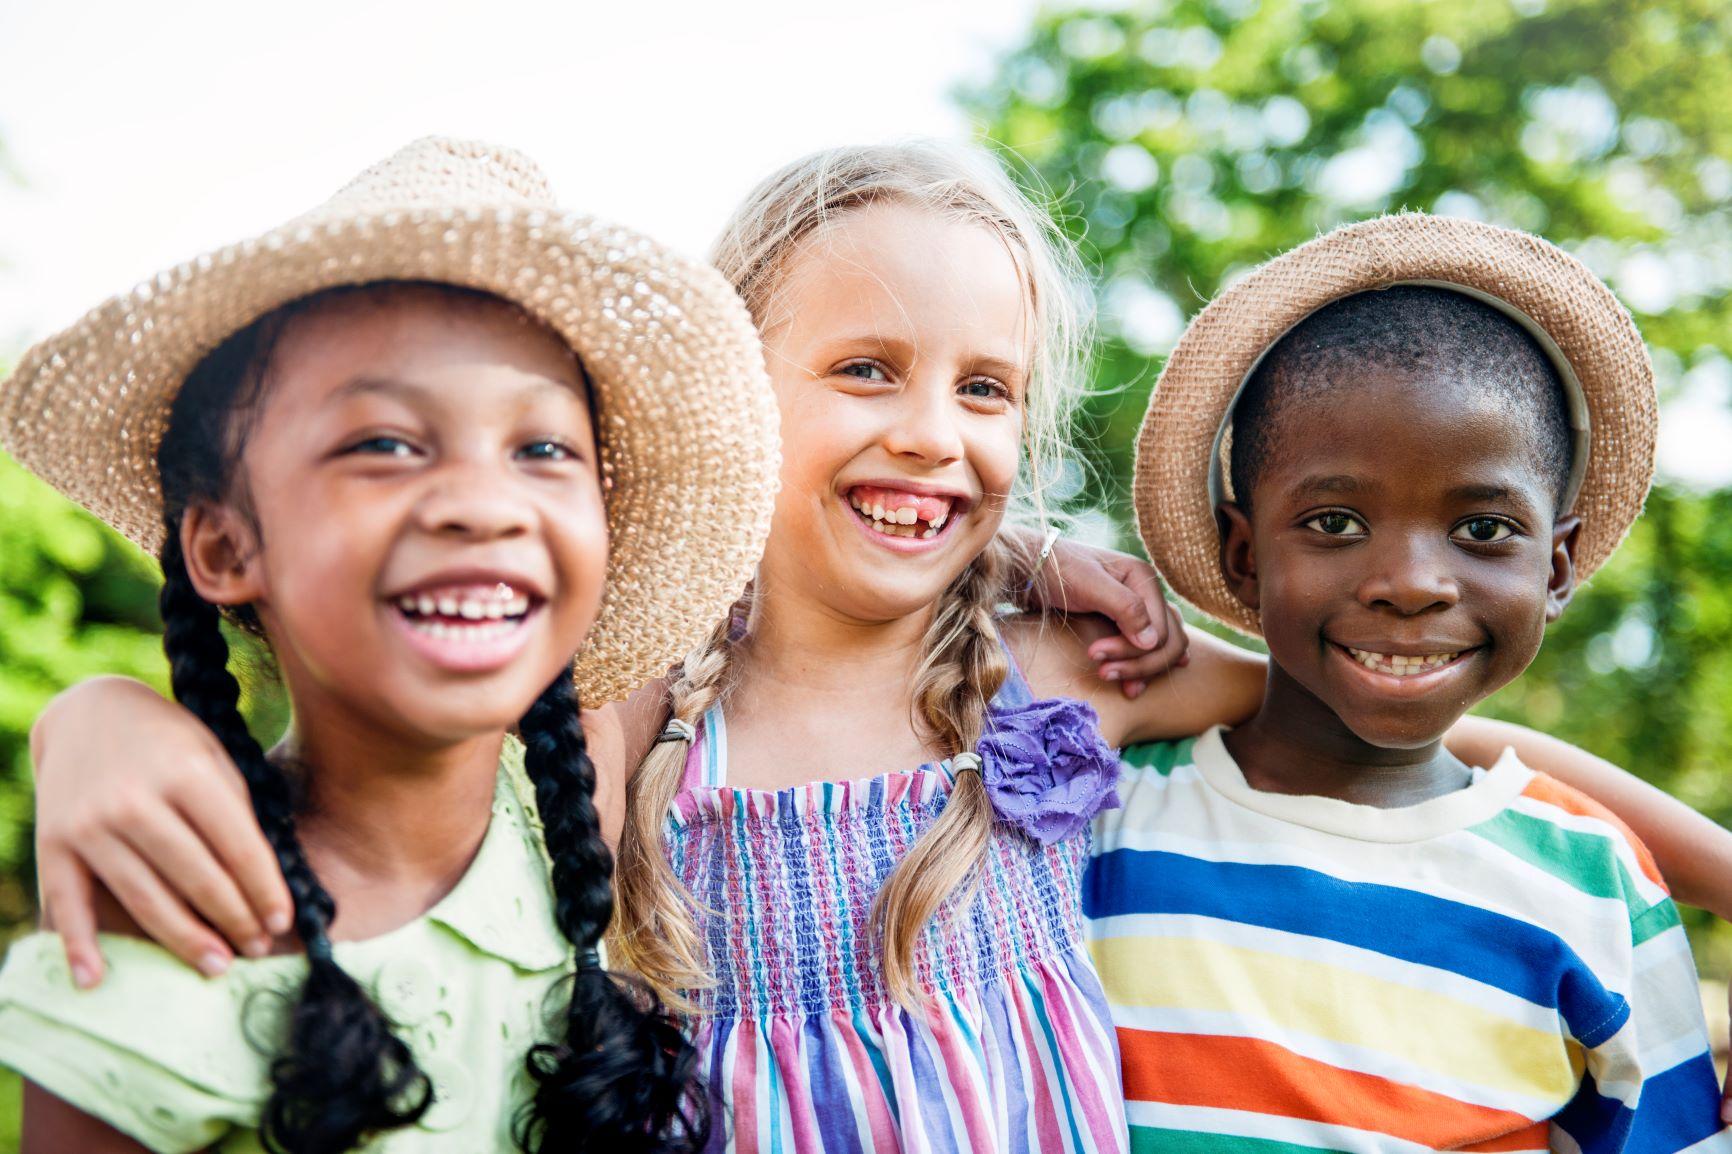 child-friends-boys-girls-playful-nature-offspring-concept